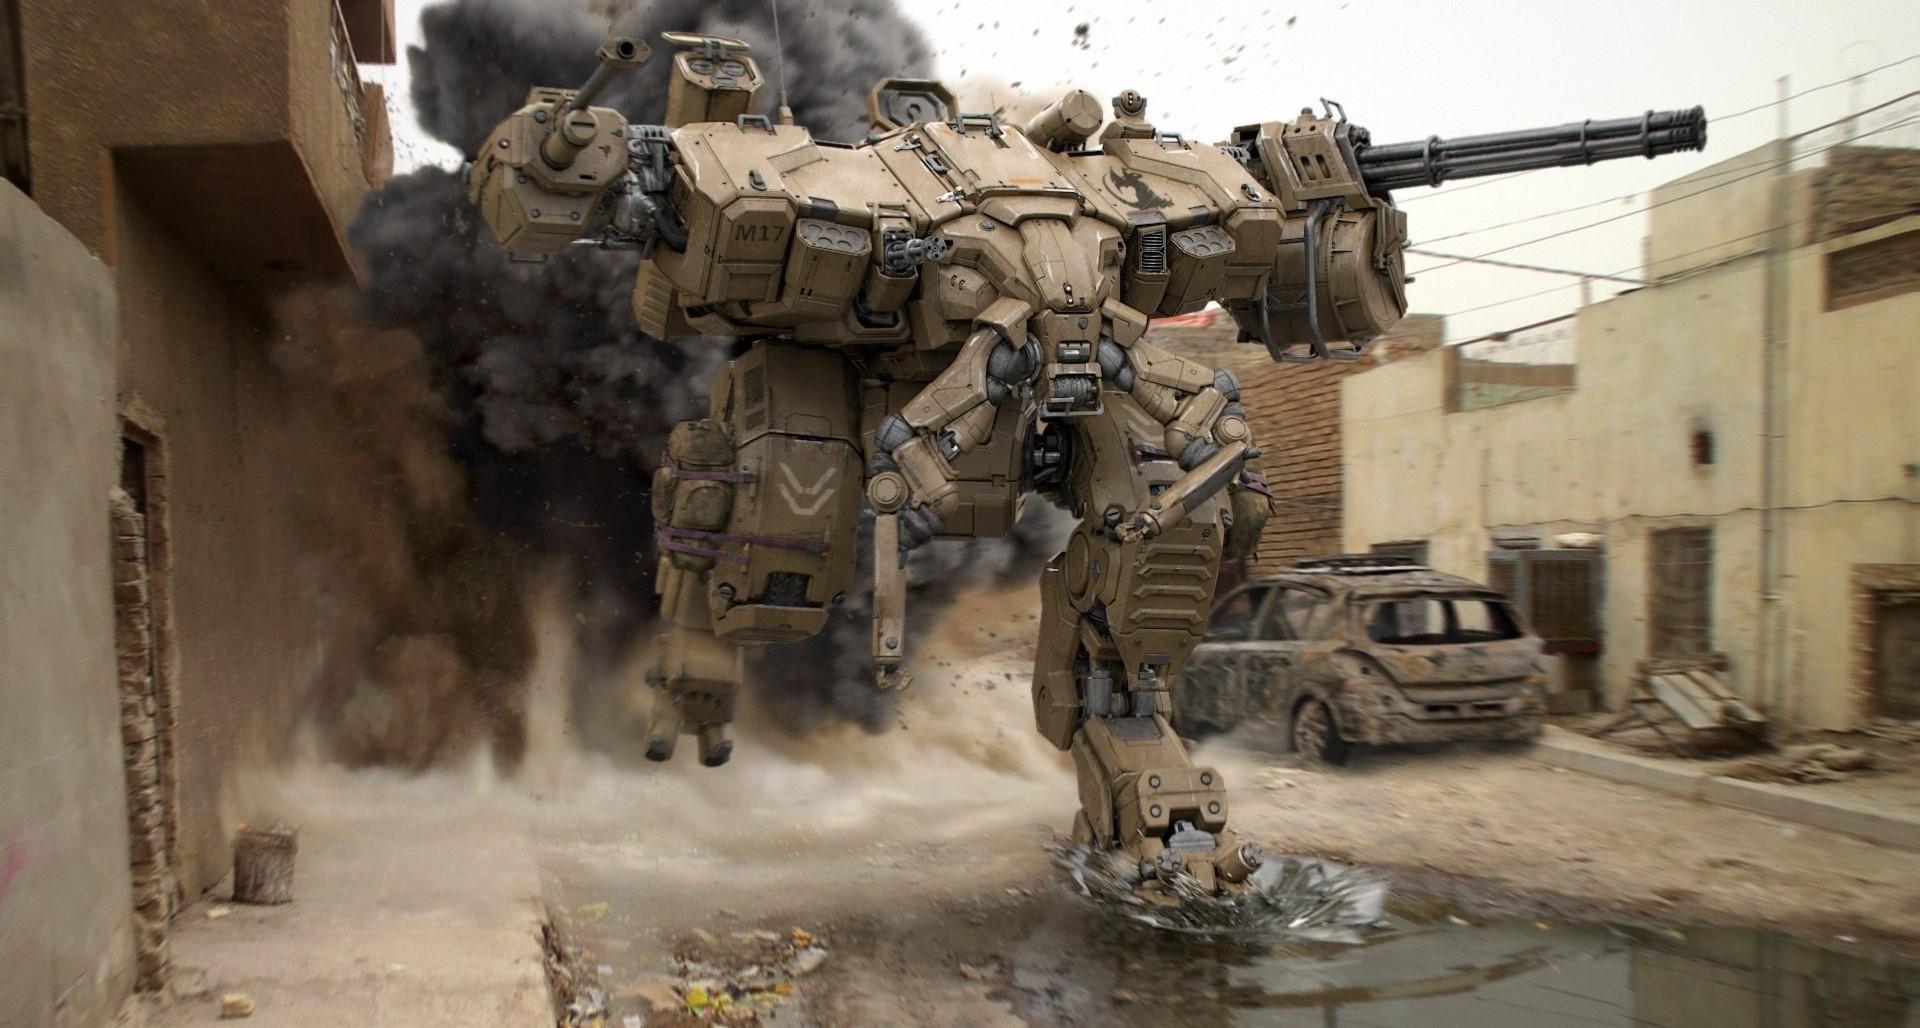 смотреть картинки боевых роботов этом